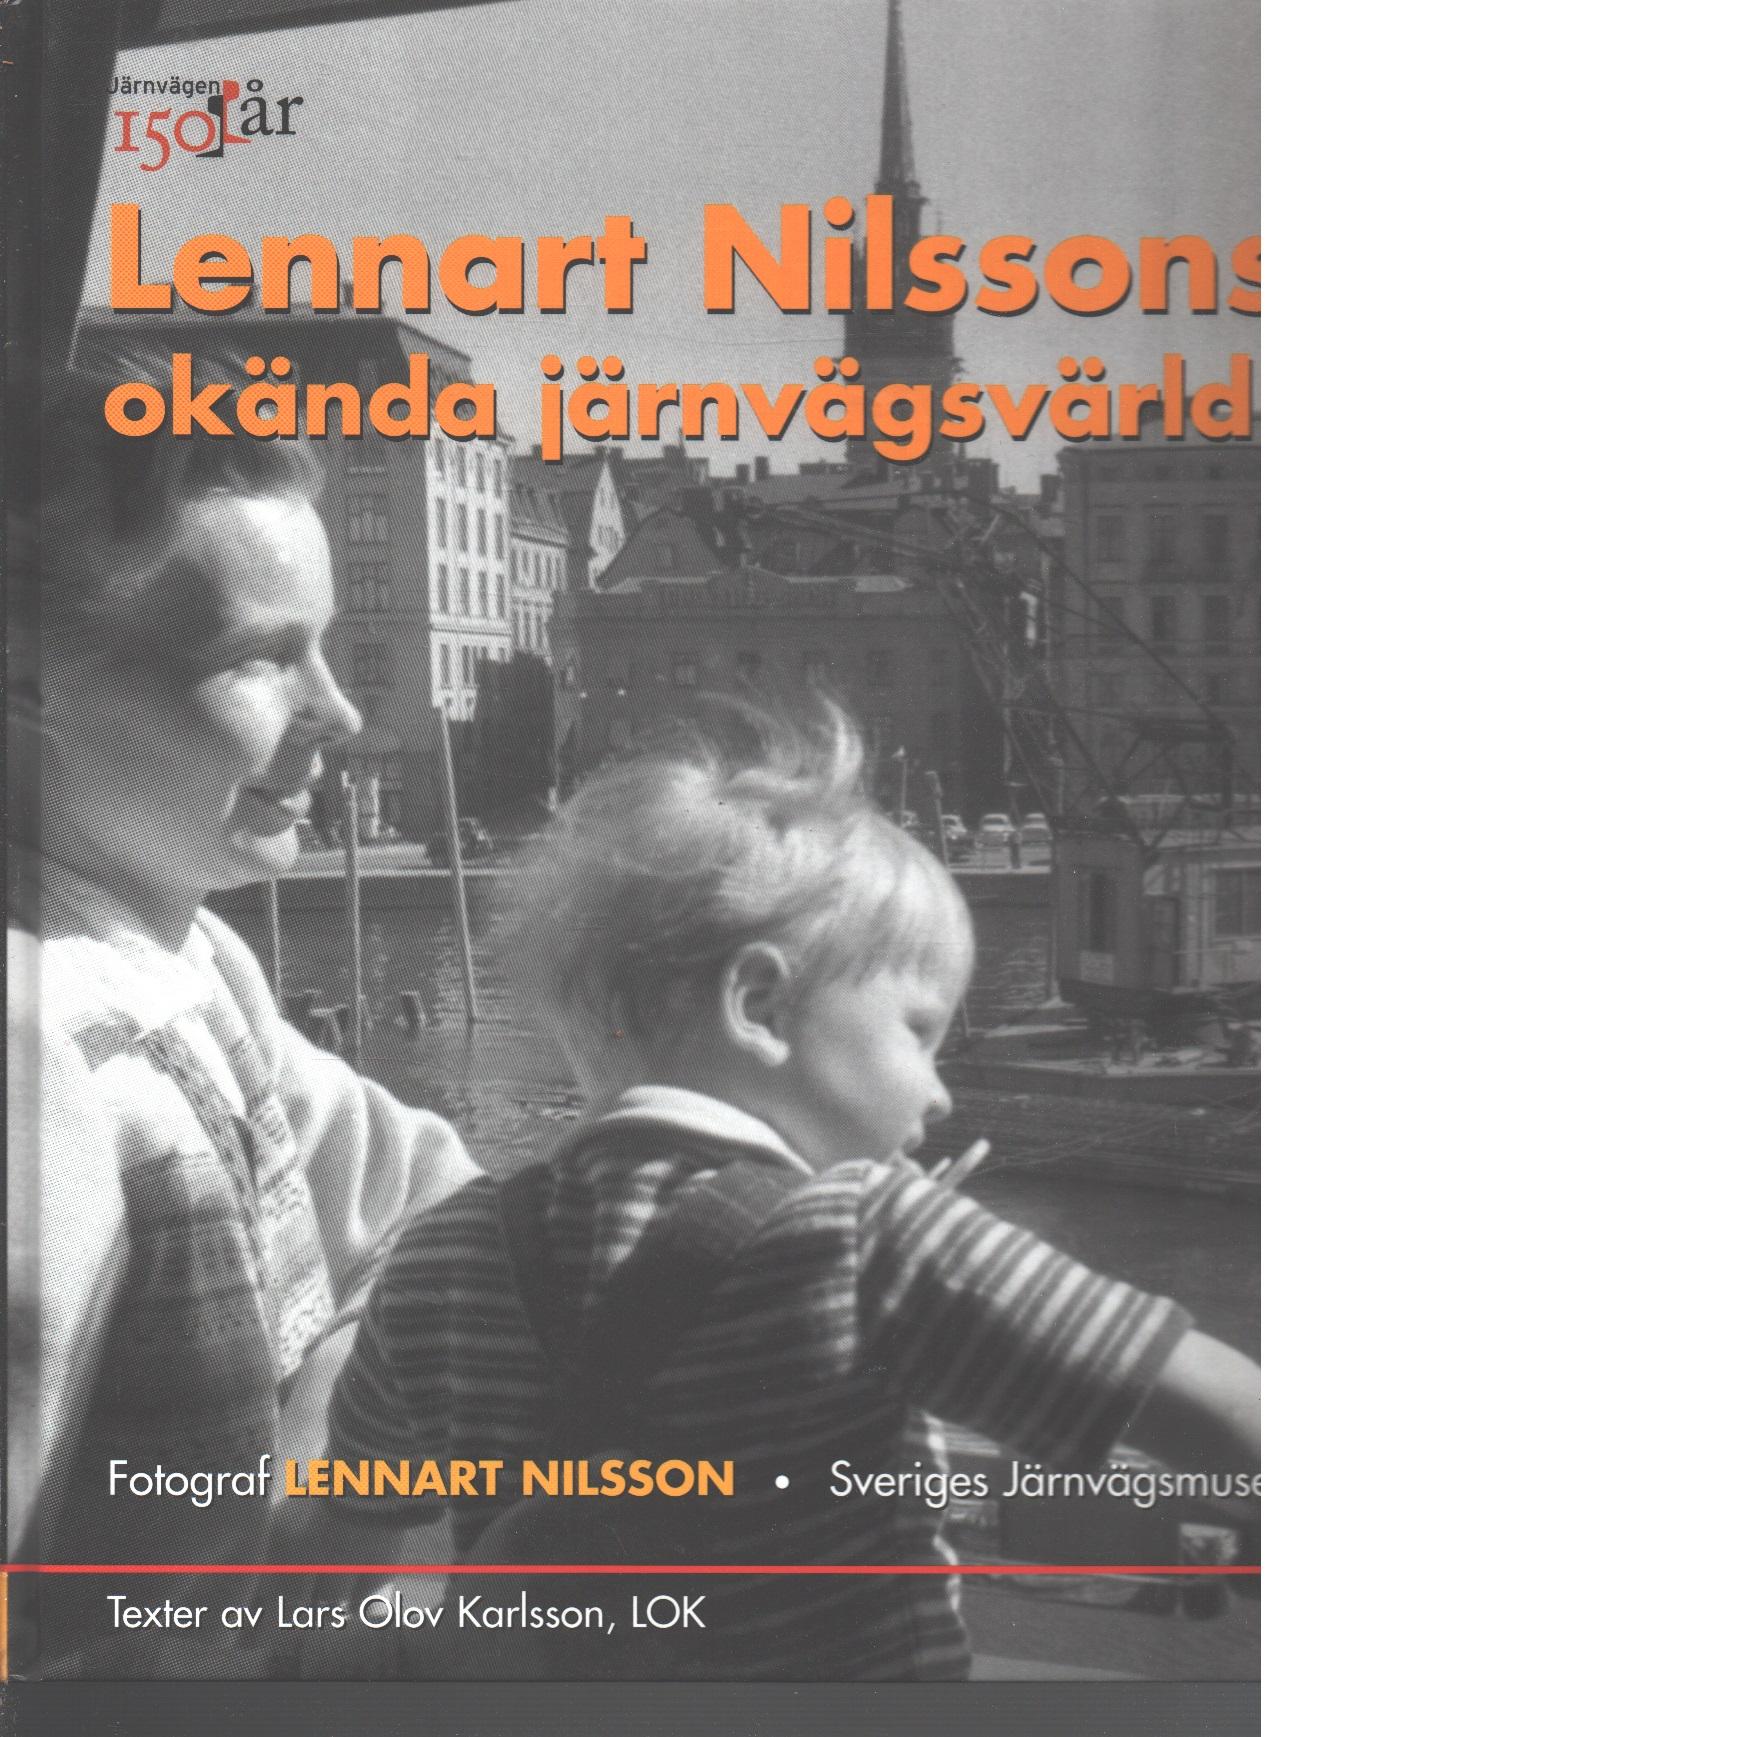 Lennart Nilssons okända järnvägsvärld - Karlsson, Lars Olov och Nilsson, Lennart, fotograf